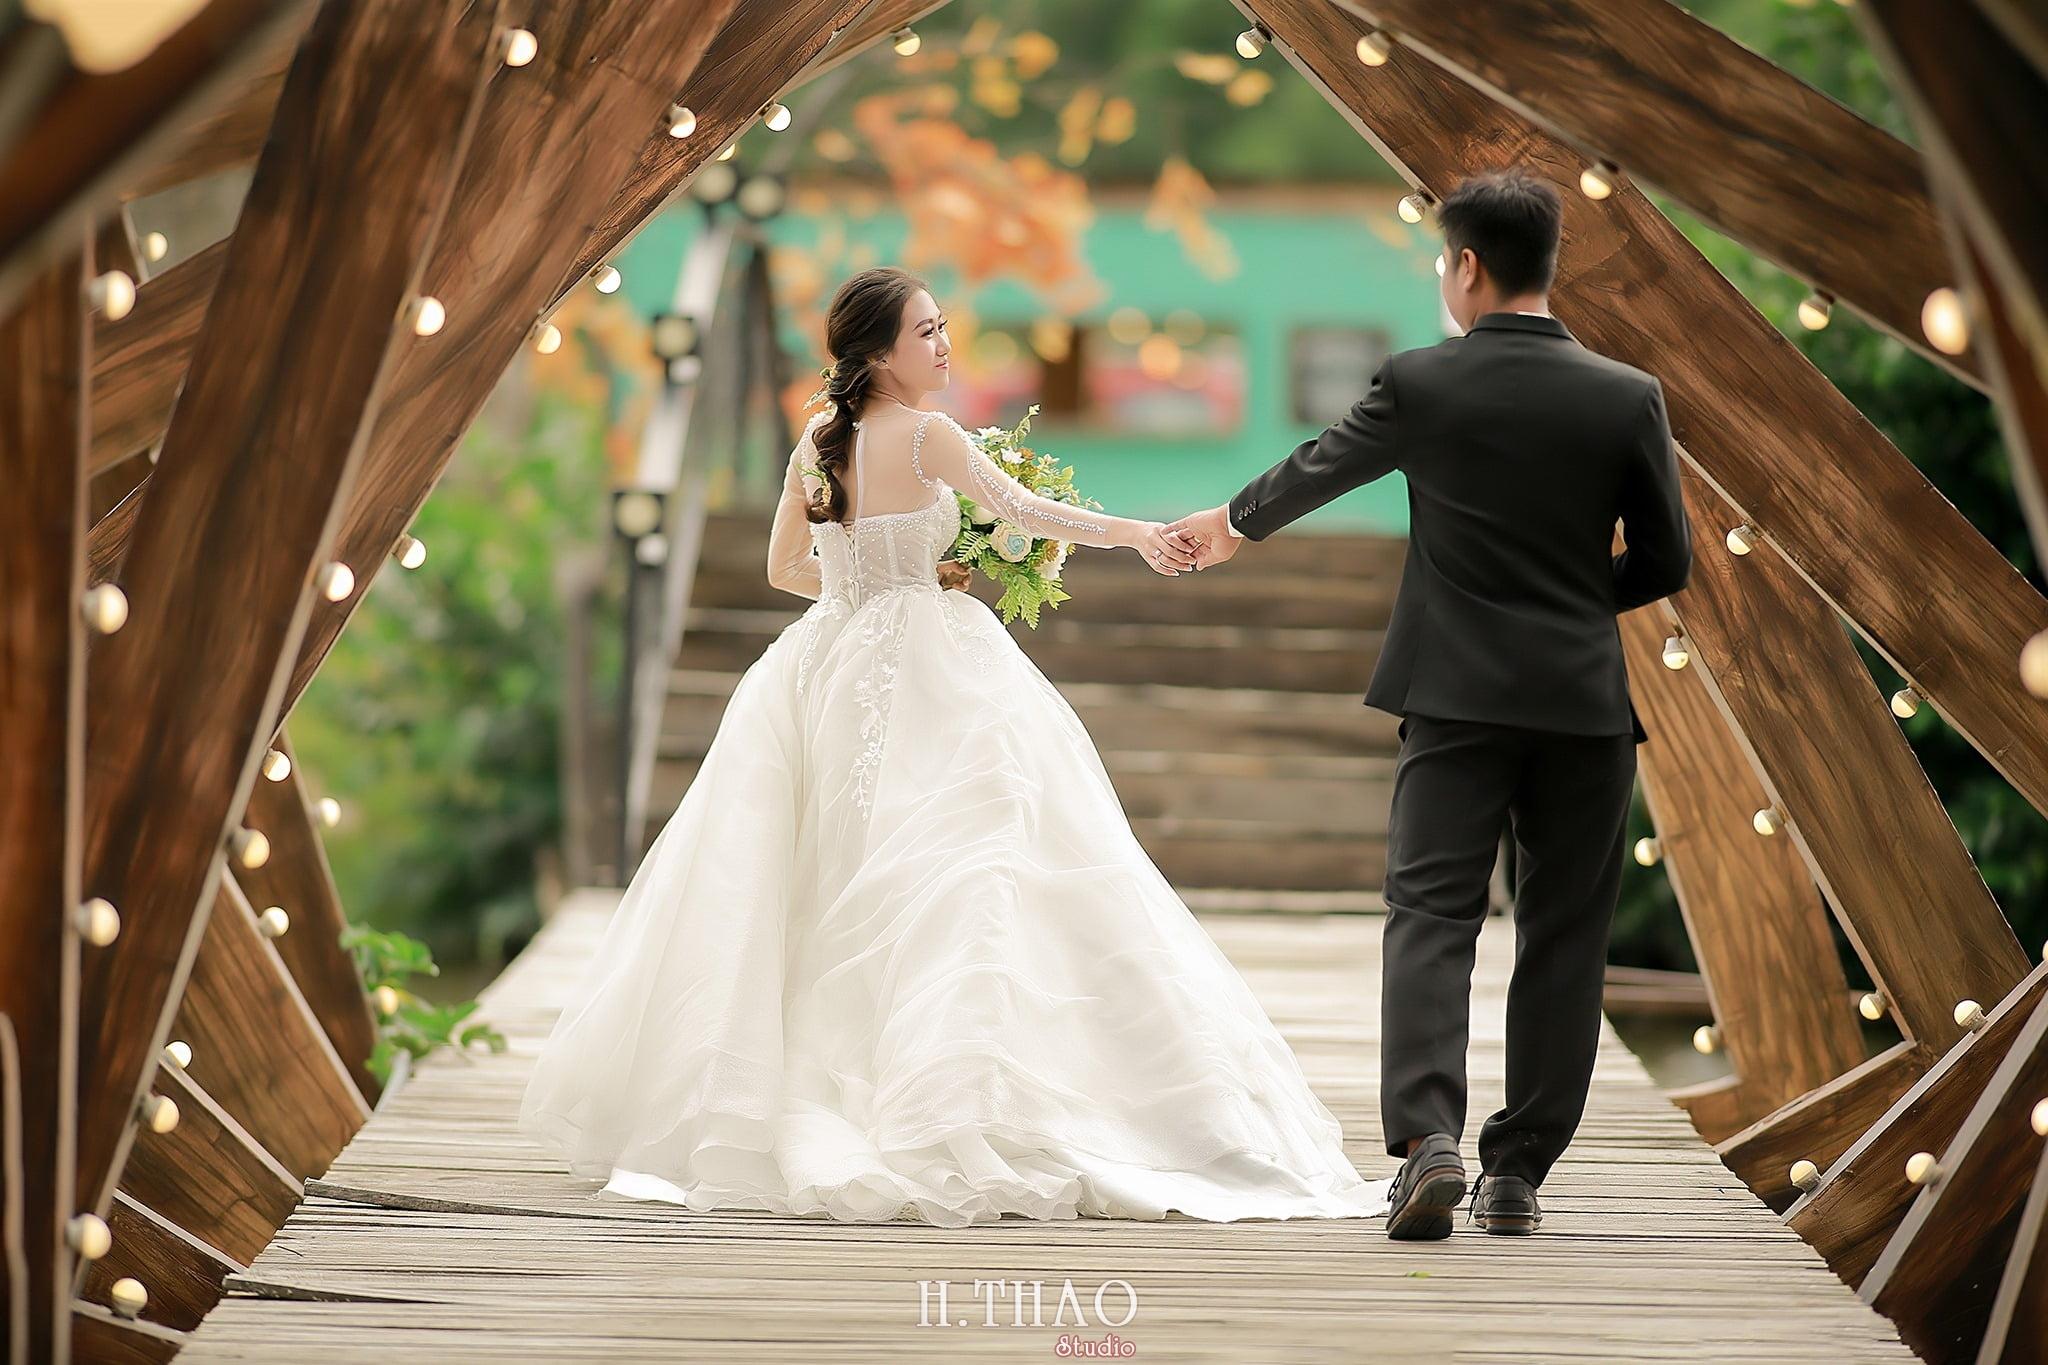 Anh cuoi 33 1 - Chụp ảnh cưới phong cách châu âu ngay giữa lòng Tp.HCM - HThao Studio